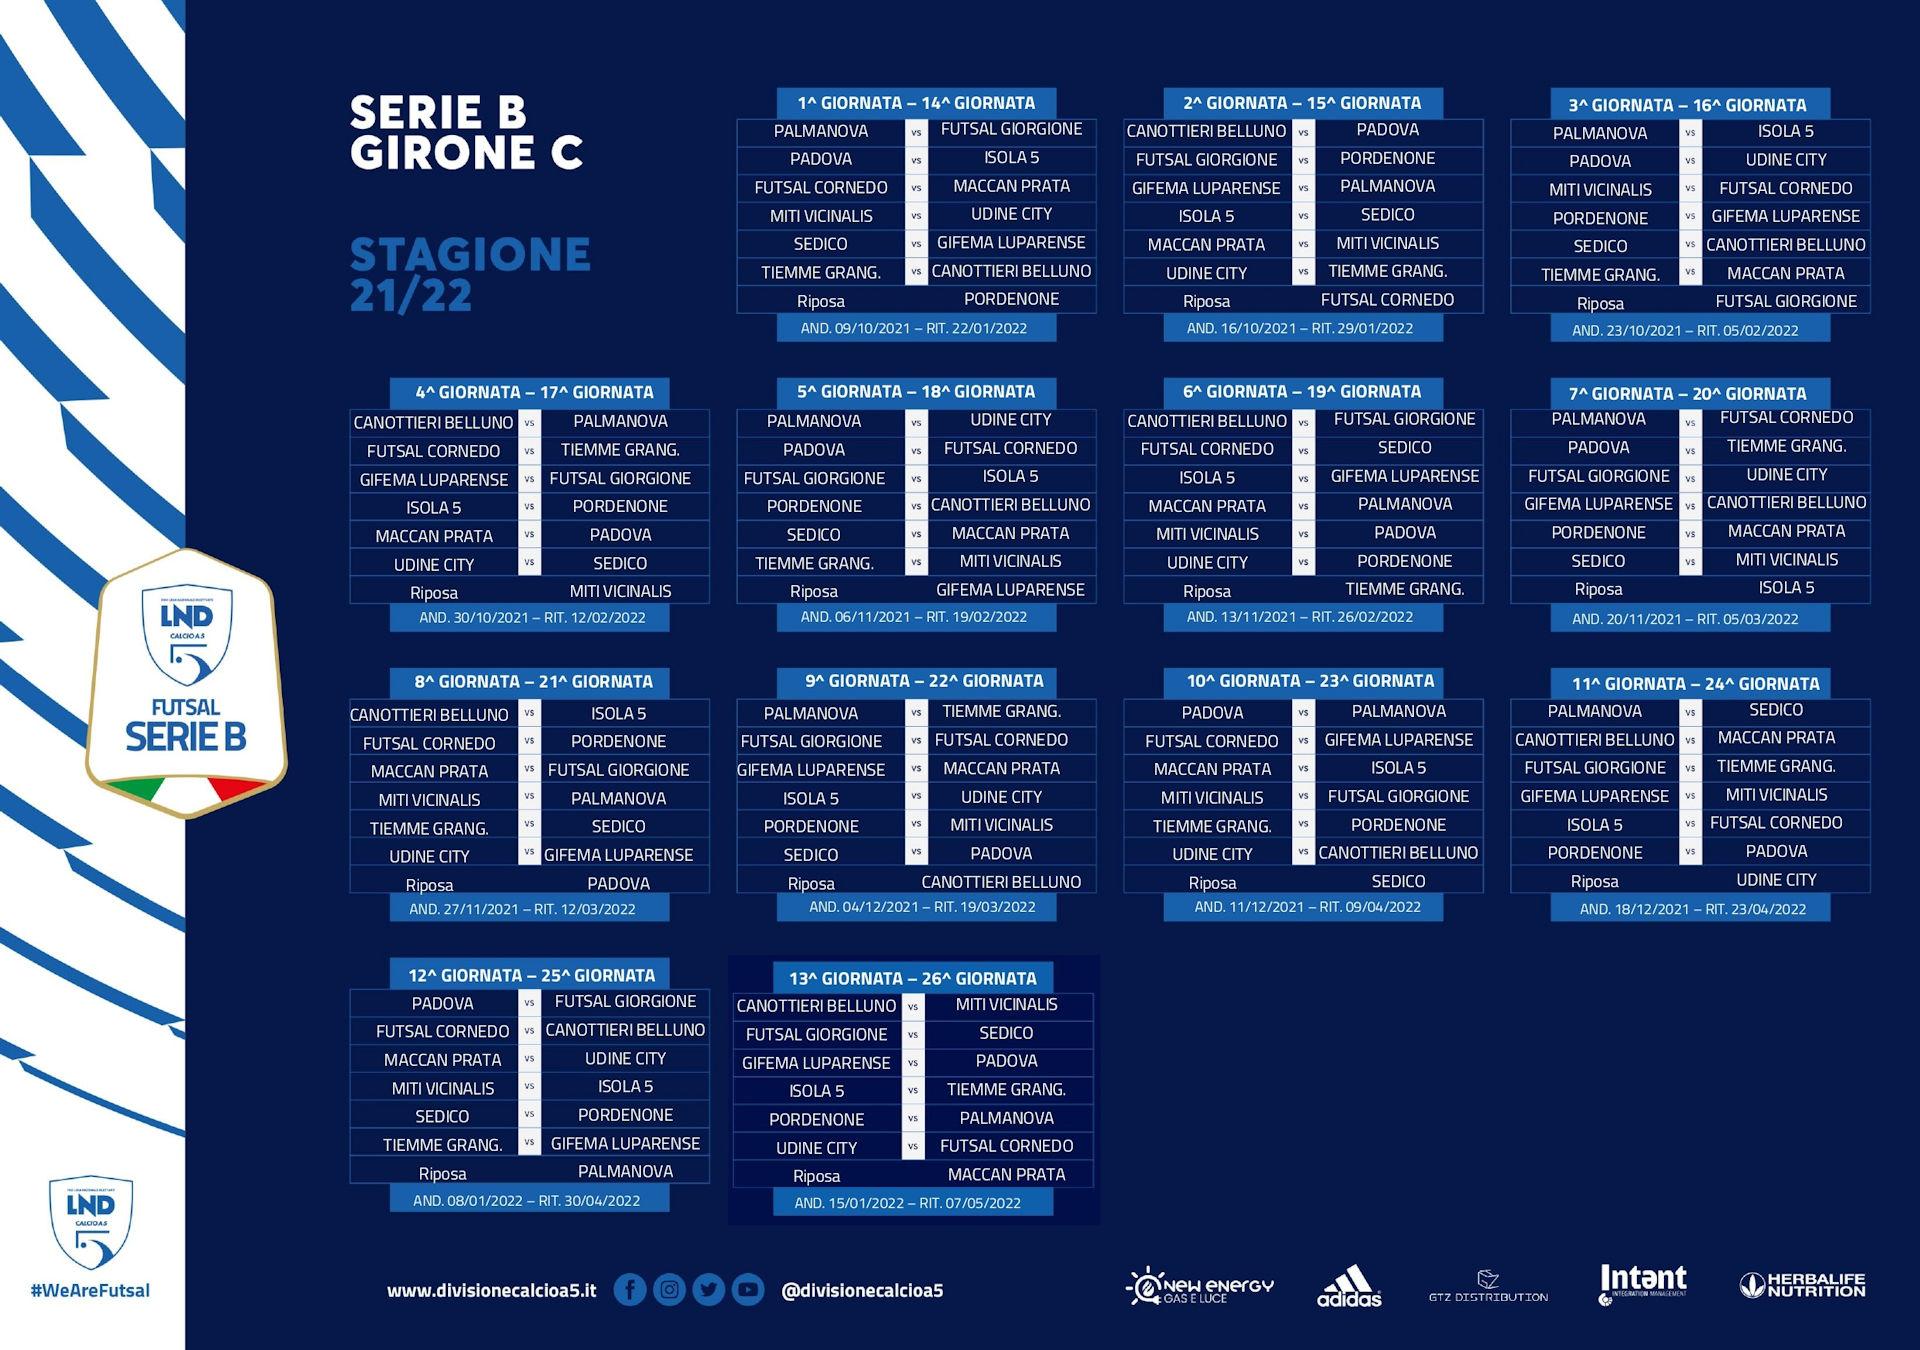 calendario Serie B - Girone C